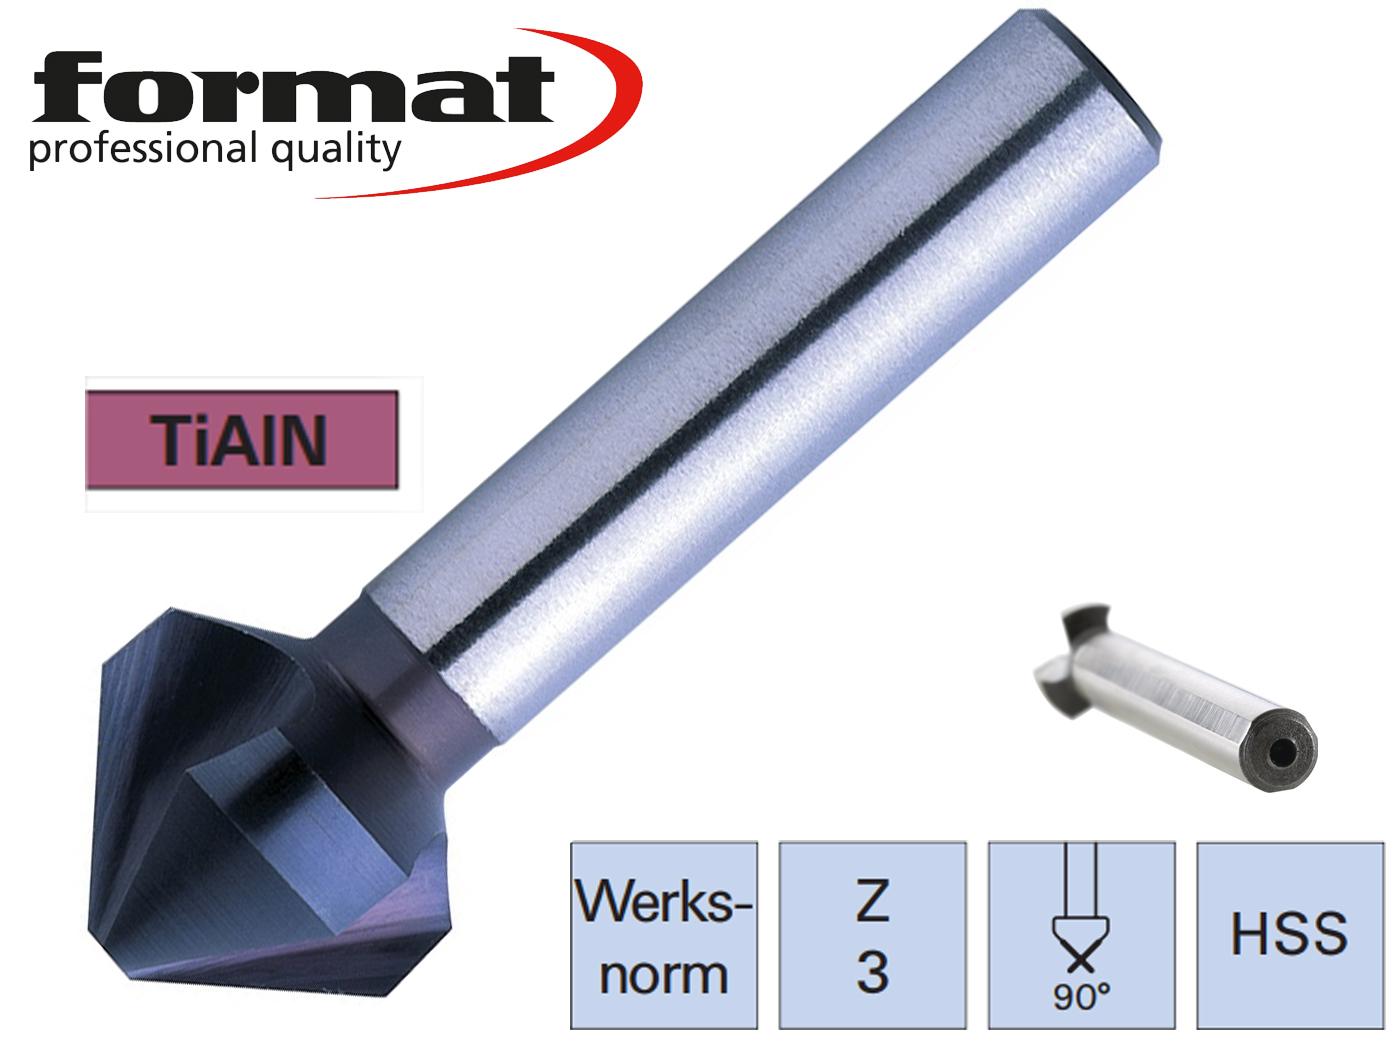 verzinkboor DIN 335C HSS TiALN ADVANCED Exact   DKMTools - DKM Tools